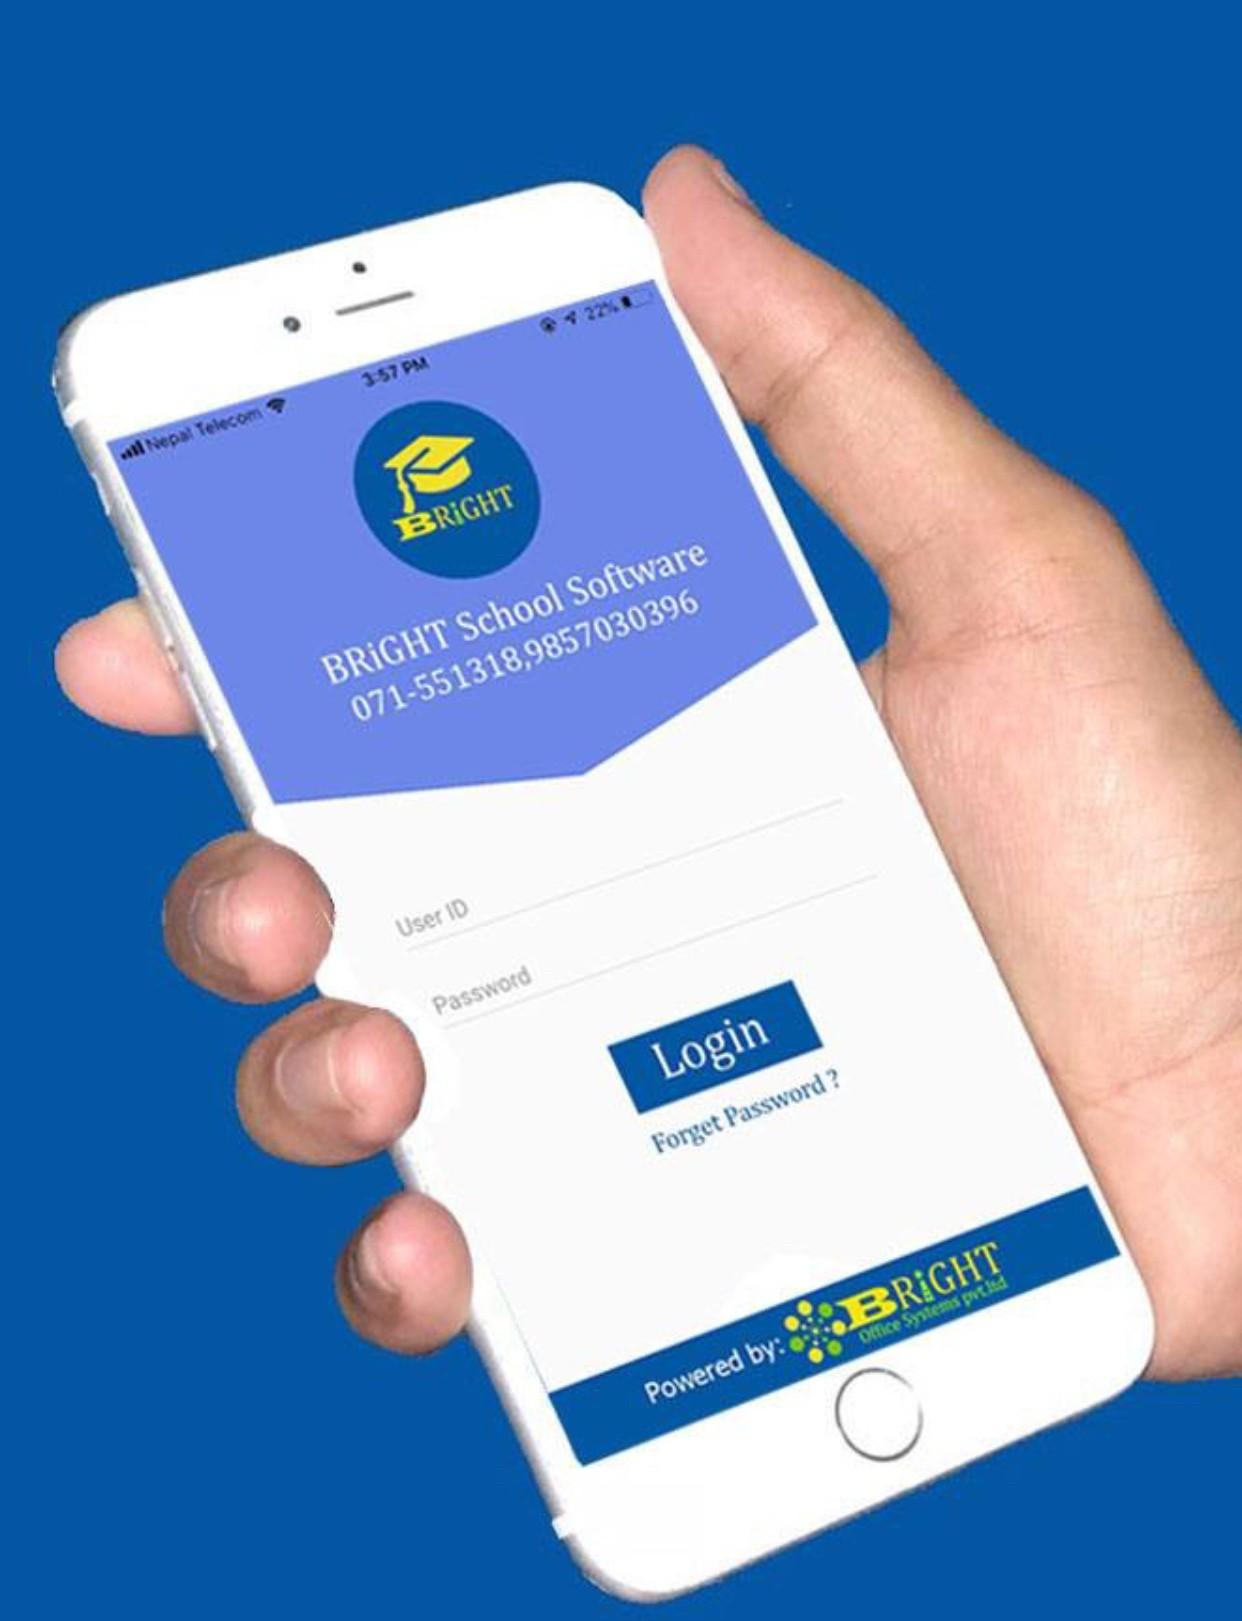 School software mobile app